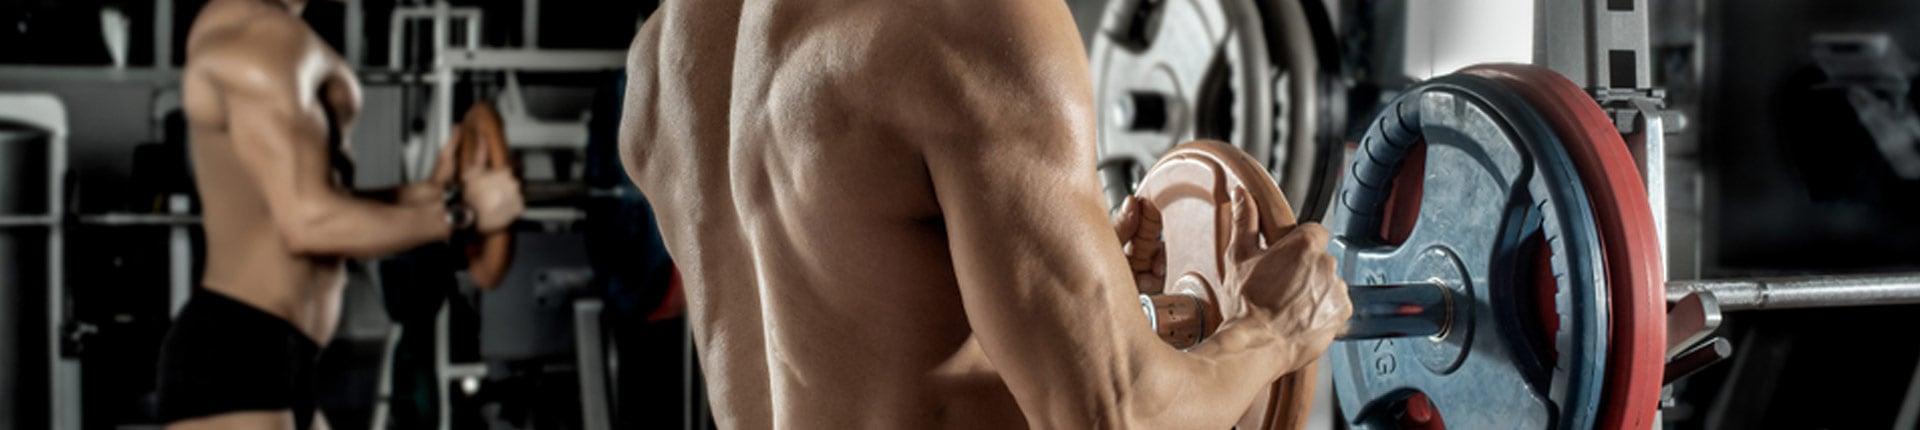 Czy progresja w treningu siłowym jest niezbędna? Czym jest periodyzacja?